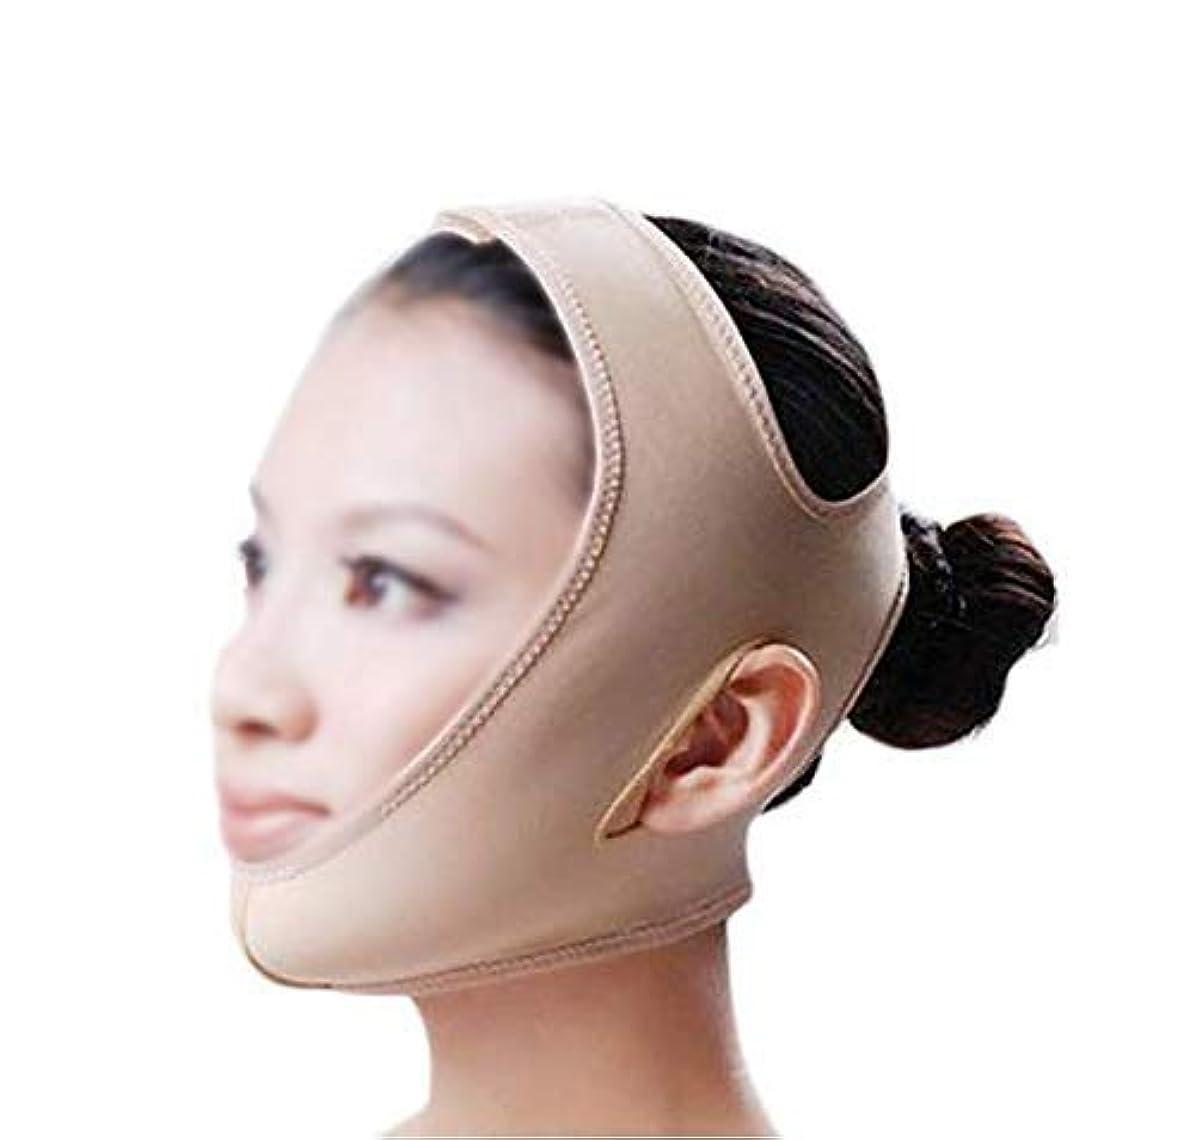 造船自動人ファーミングフェイスマスク、マスクフェイスマスク美容医学フェイスマスク美容Vフェイス包帯ライン彫刻リフティングファーミングダブルチンマスク(サイズ:S),S